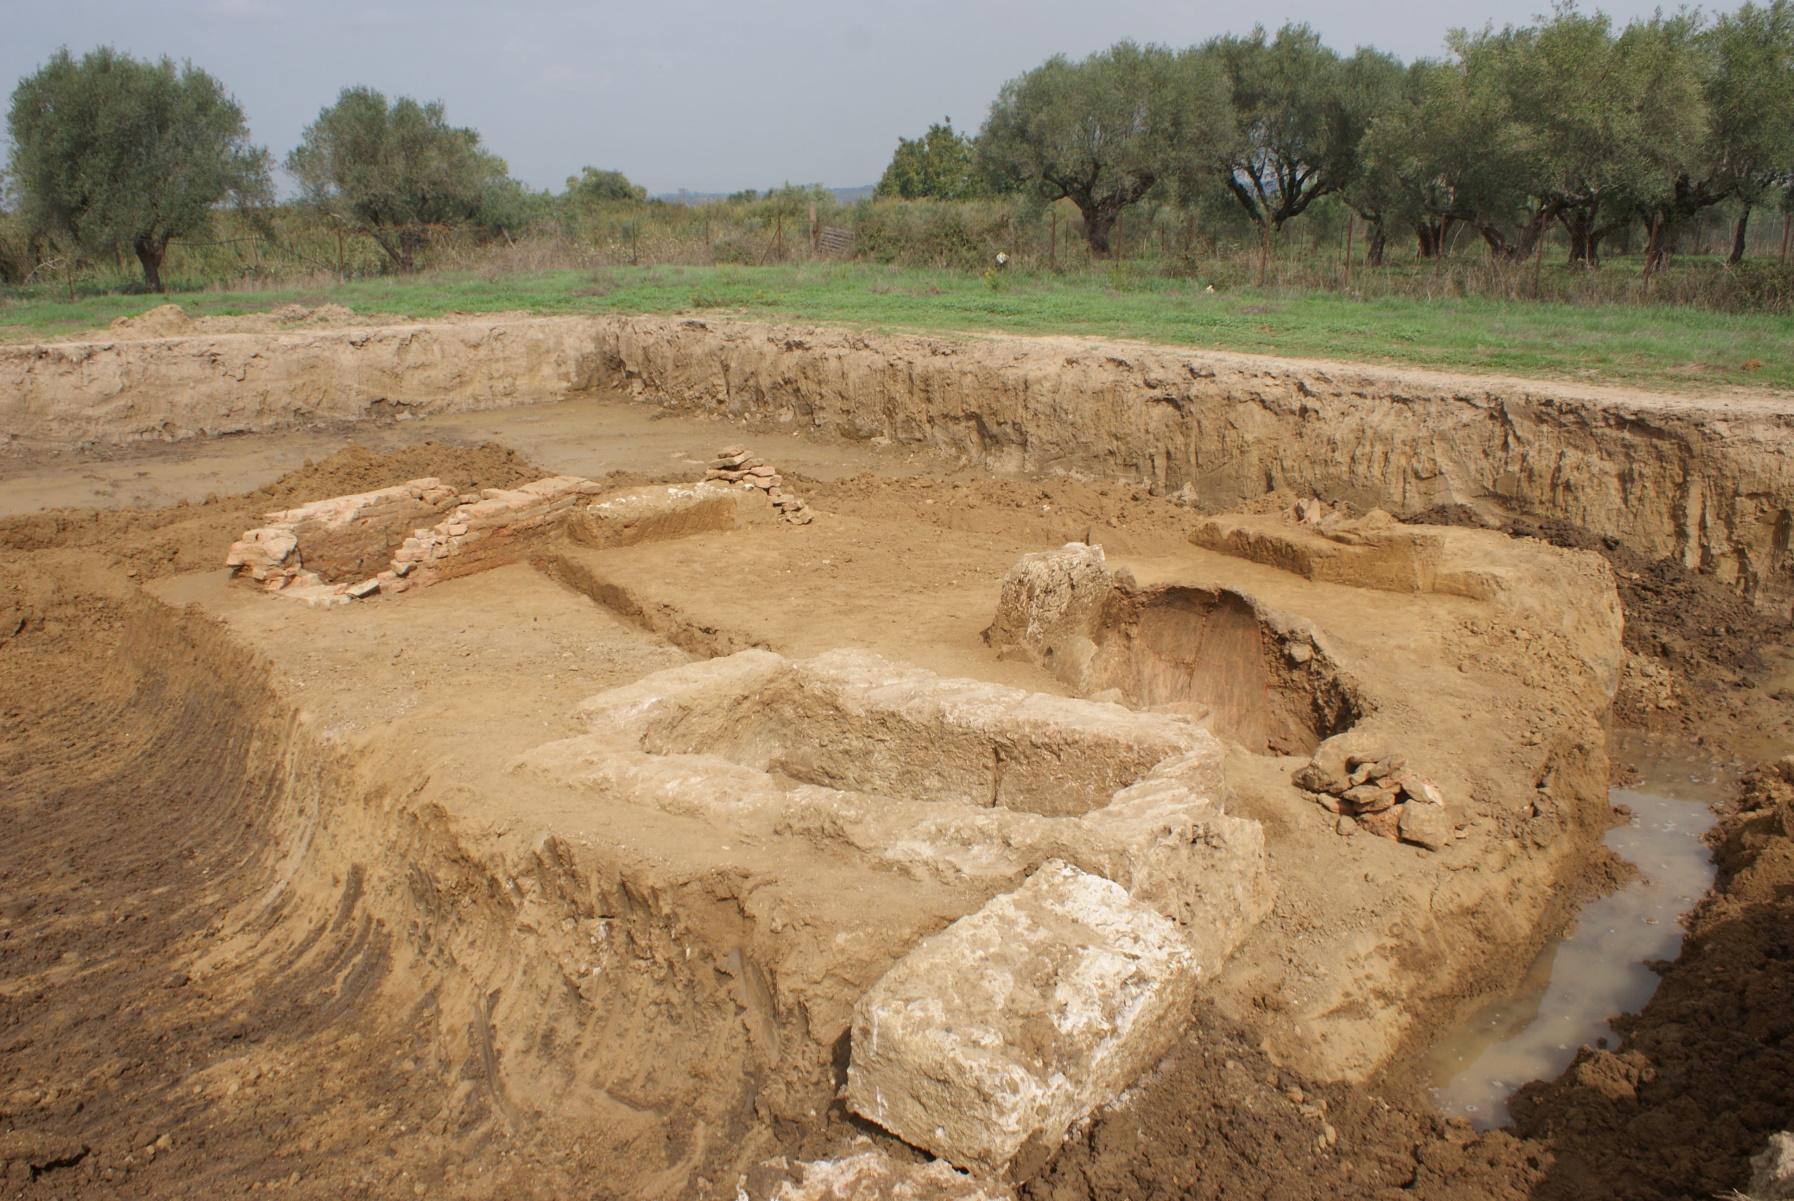 Ηλεία: Ανακαλύφθηκαν τάφοι 2.400 ετών της αρχαίας Ήλιδας (pics)